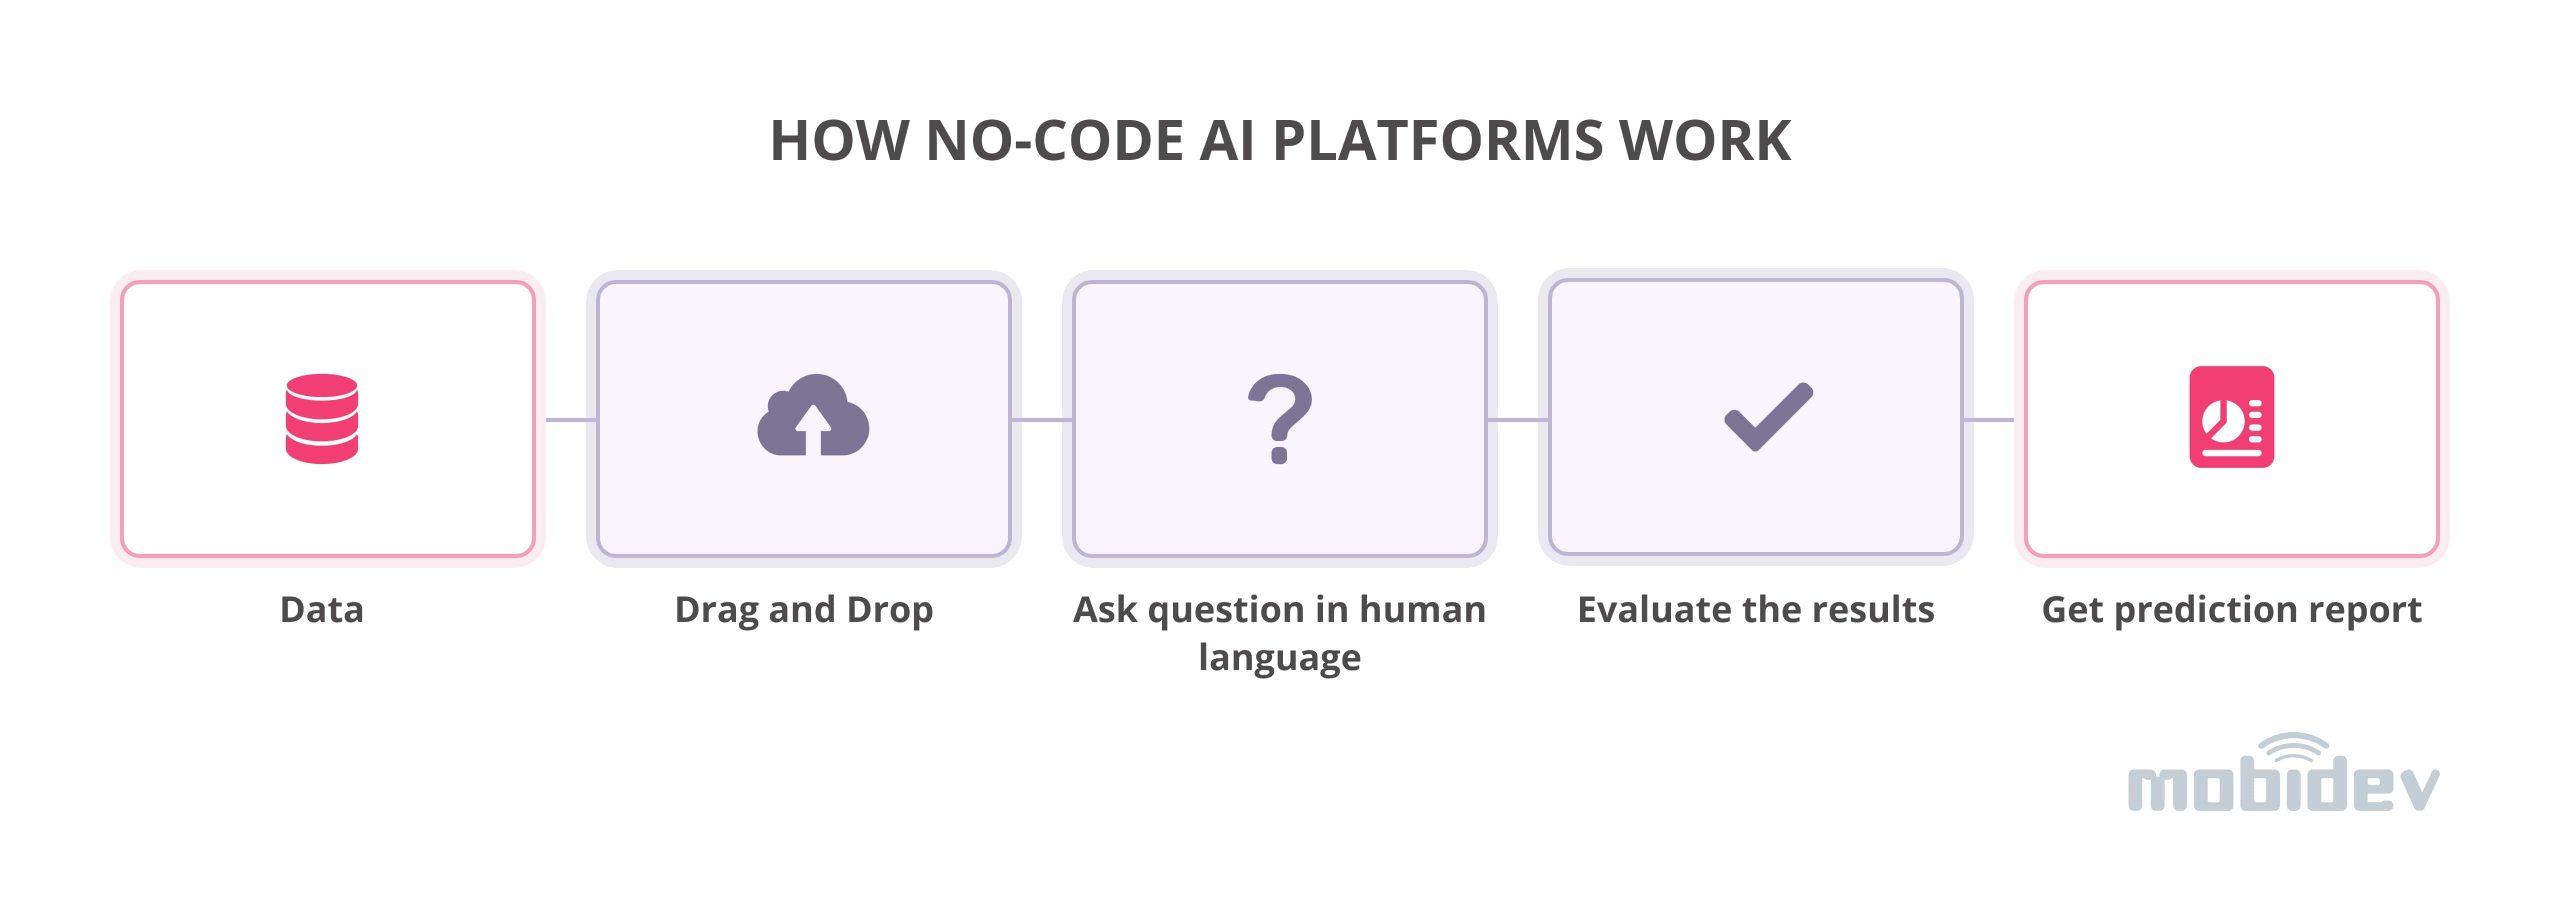 How No-code AI platforms work